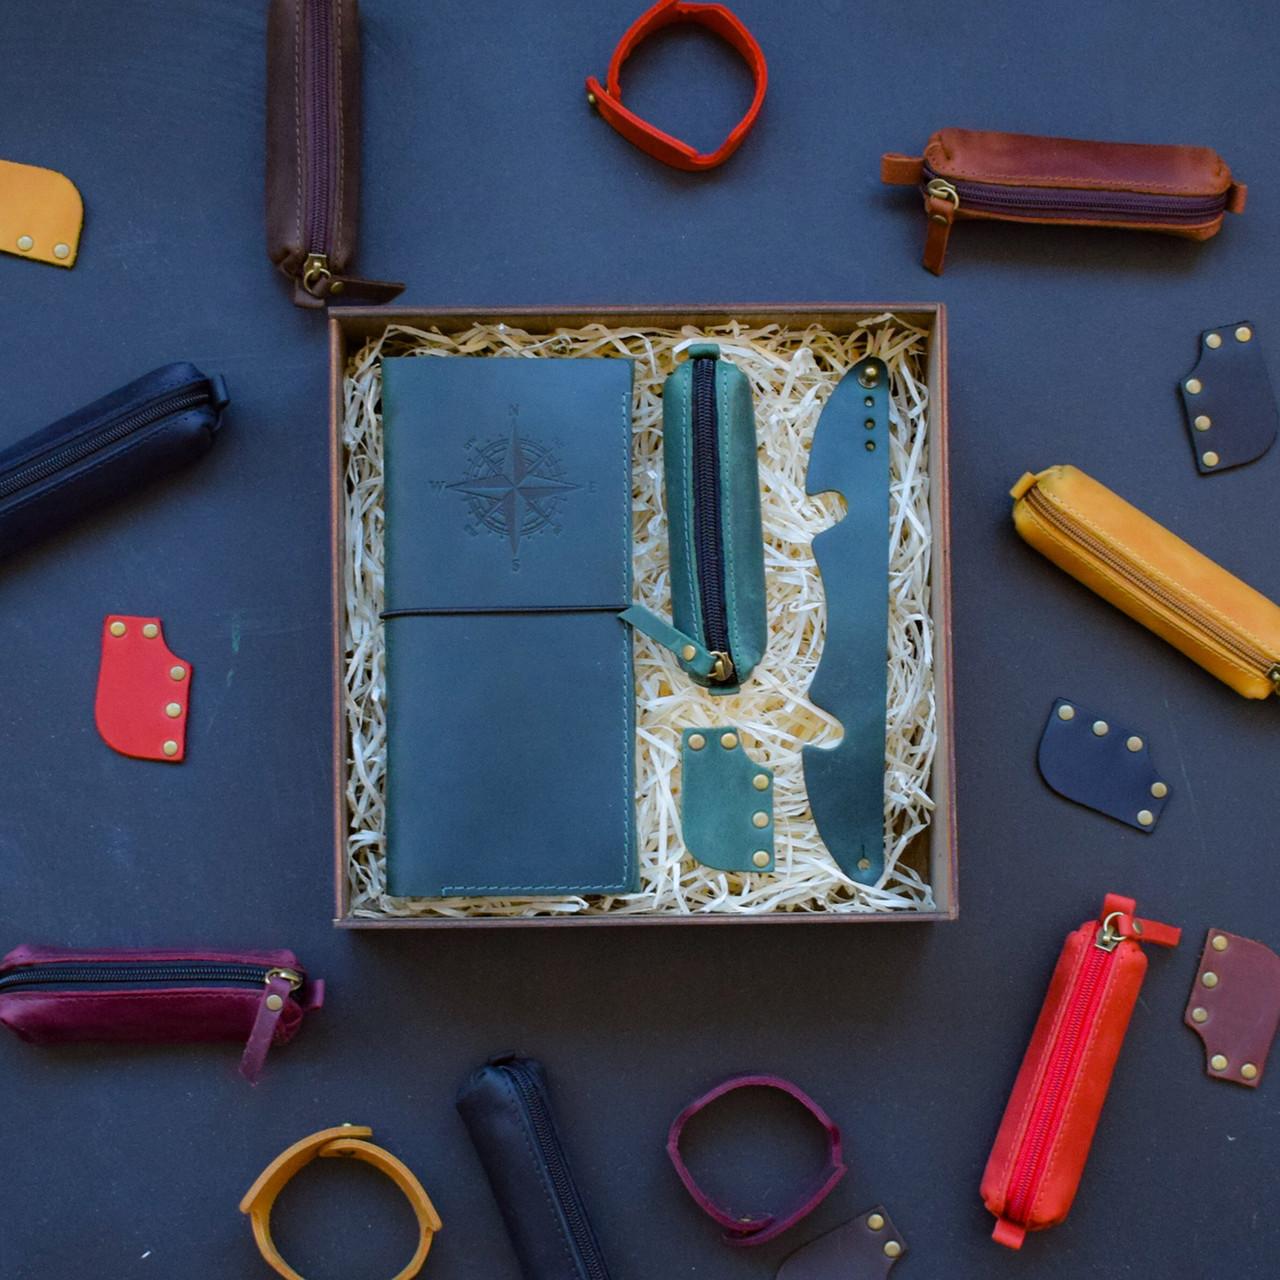 """Подарунковий набір шкіряних аксесуарів для подорожі """"Voyage"""": тревел-кейс, ключниця, браслет і закладка"""